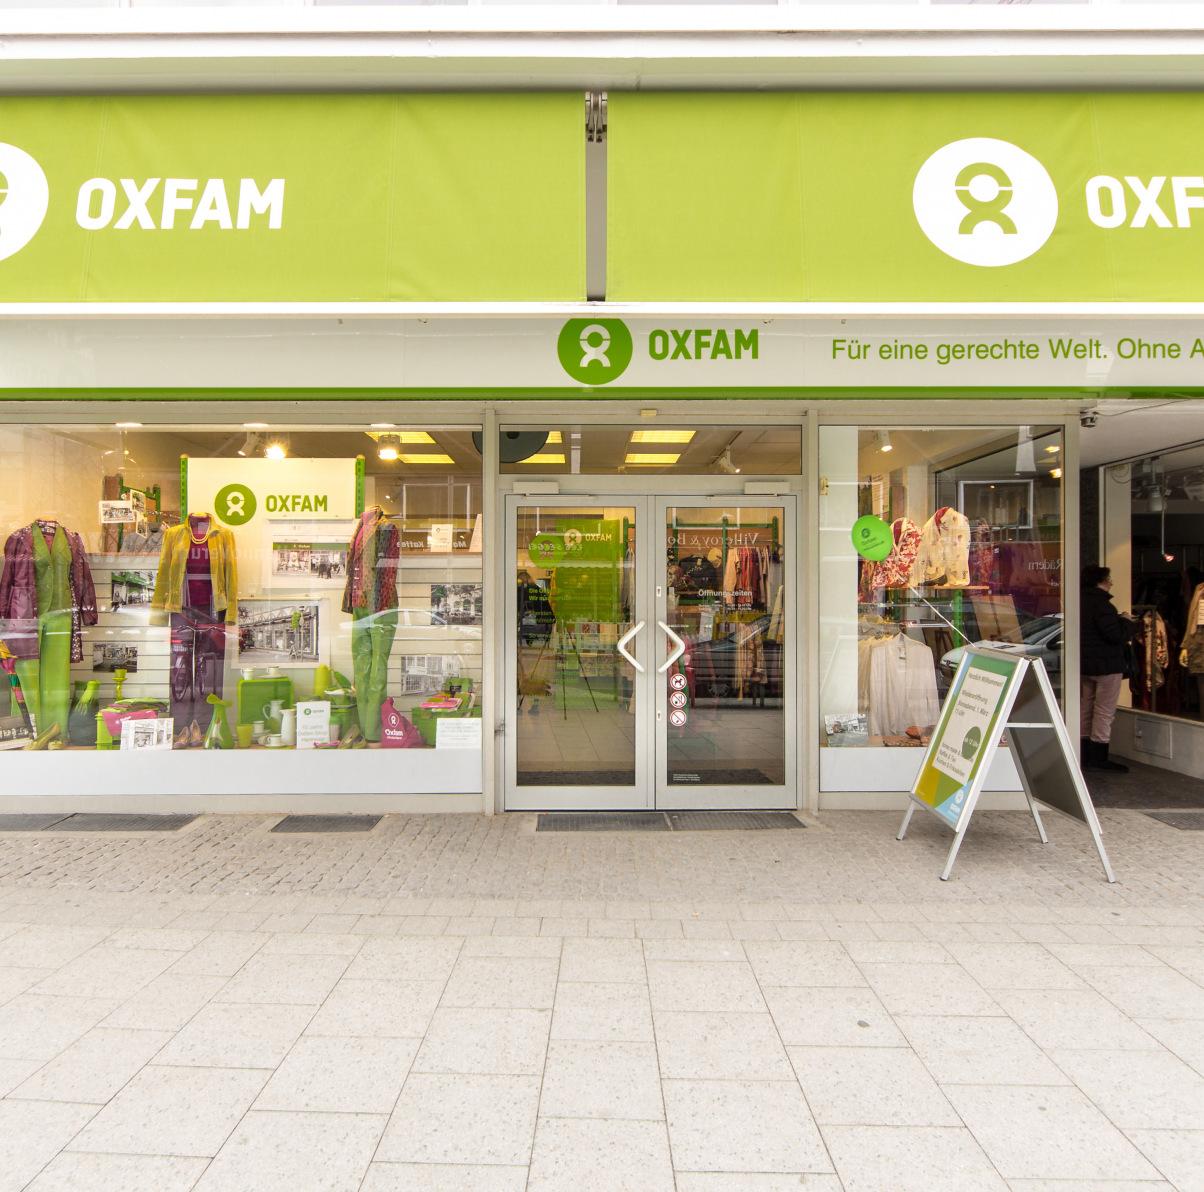 Oxfam Shop Hannover - Außenansicht